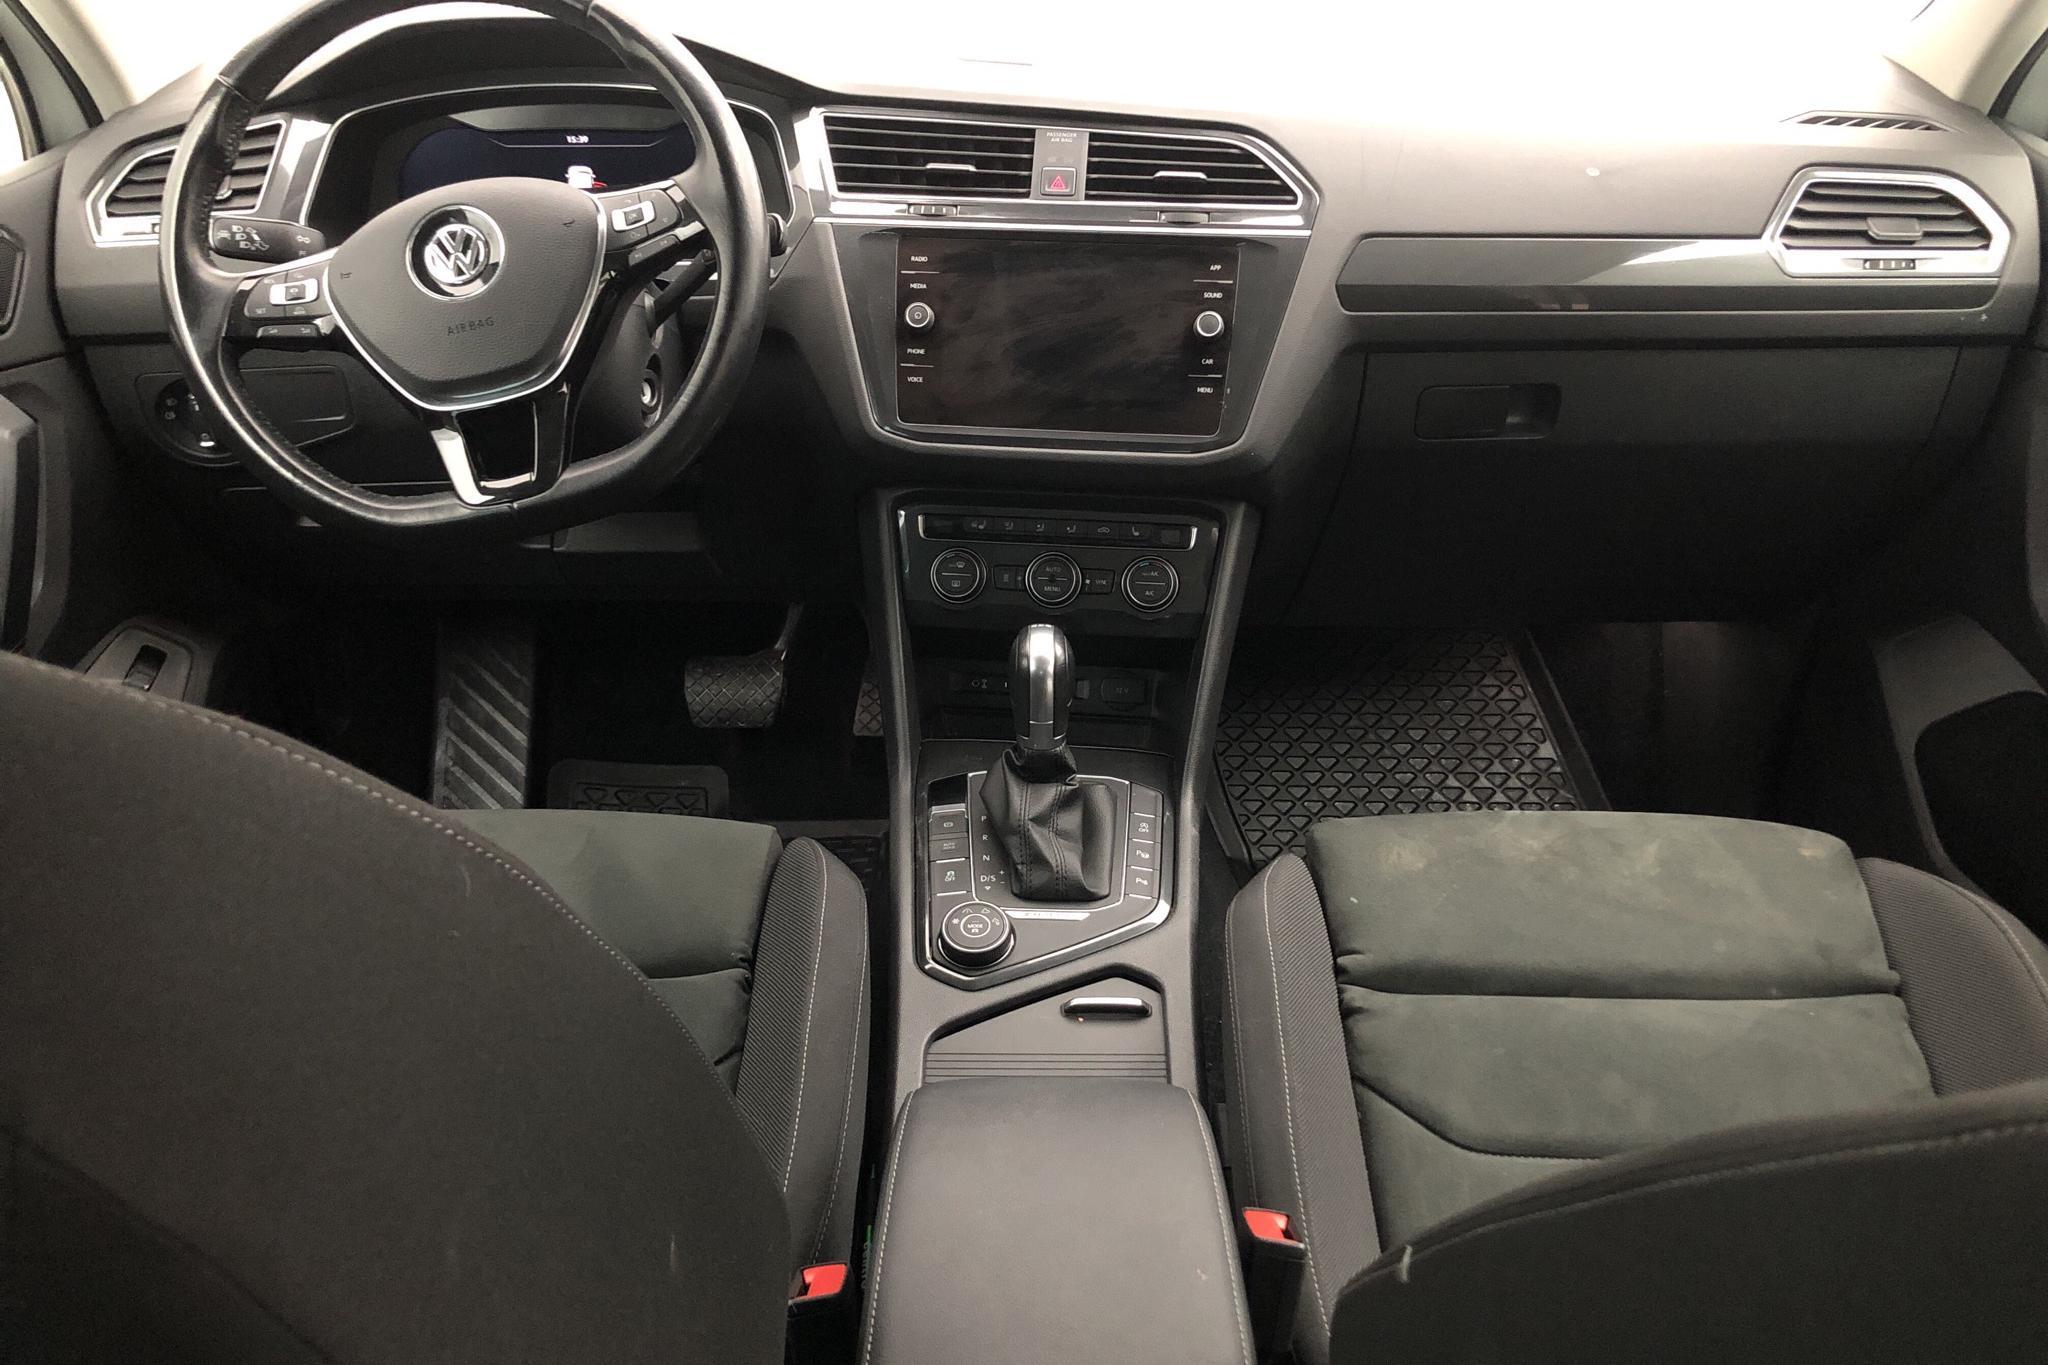 VW Tiguan 2.0 TDI 4MOTION (190hk) - 89 470 km - Automatic - white - 2018